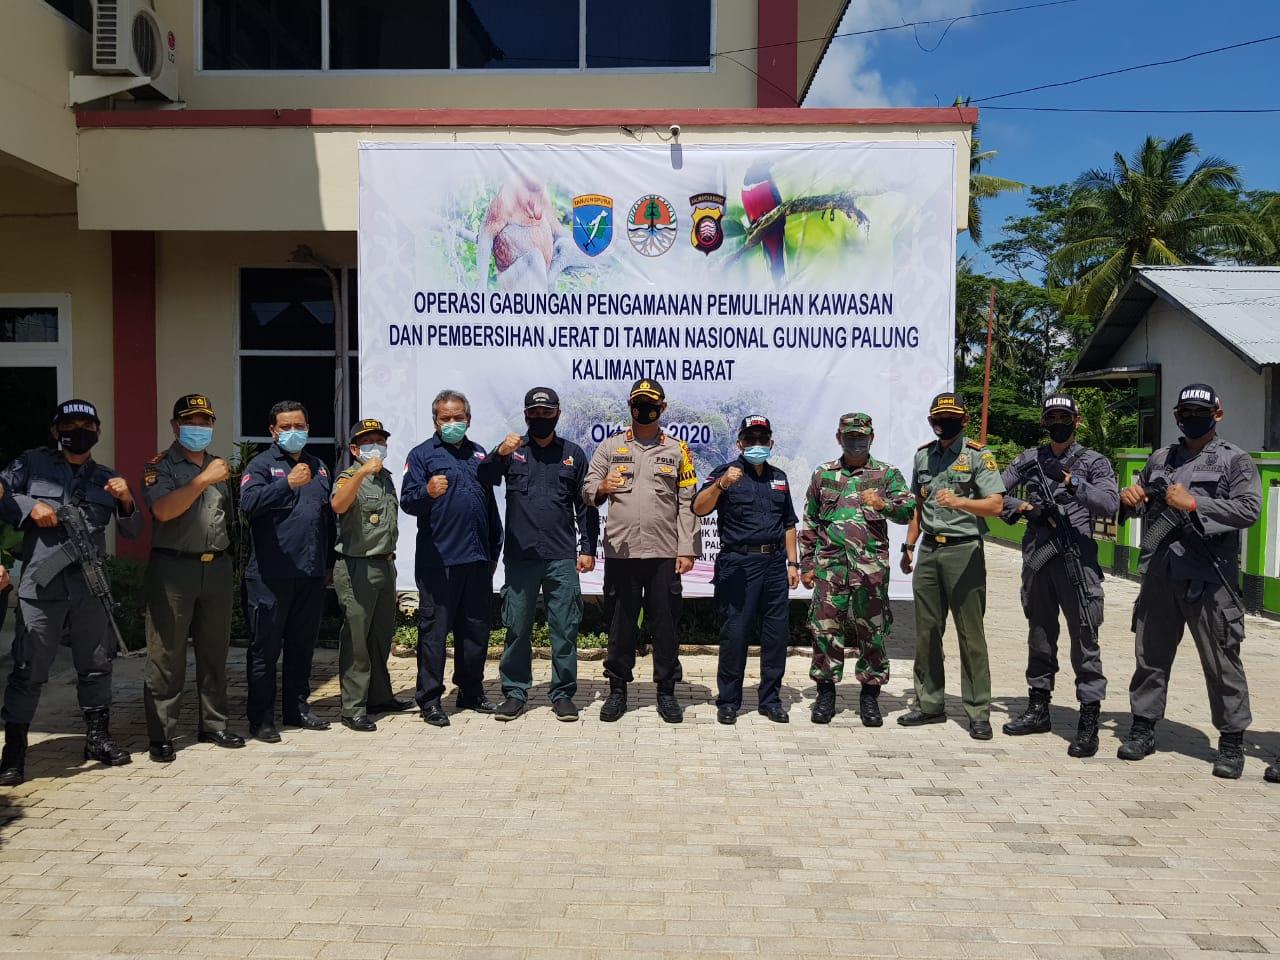 KLHK Gelar Operasi Gabungan Pengamanan dan Pemulihan Kawasan serta Bersih Jerat di TN Gunung Palung